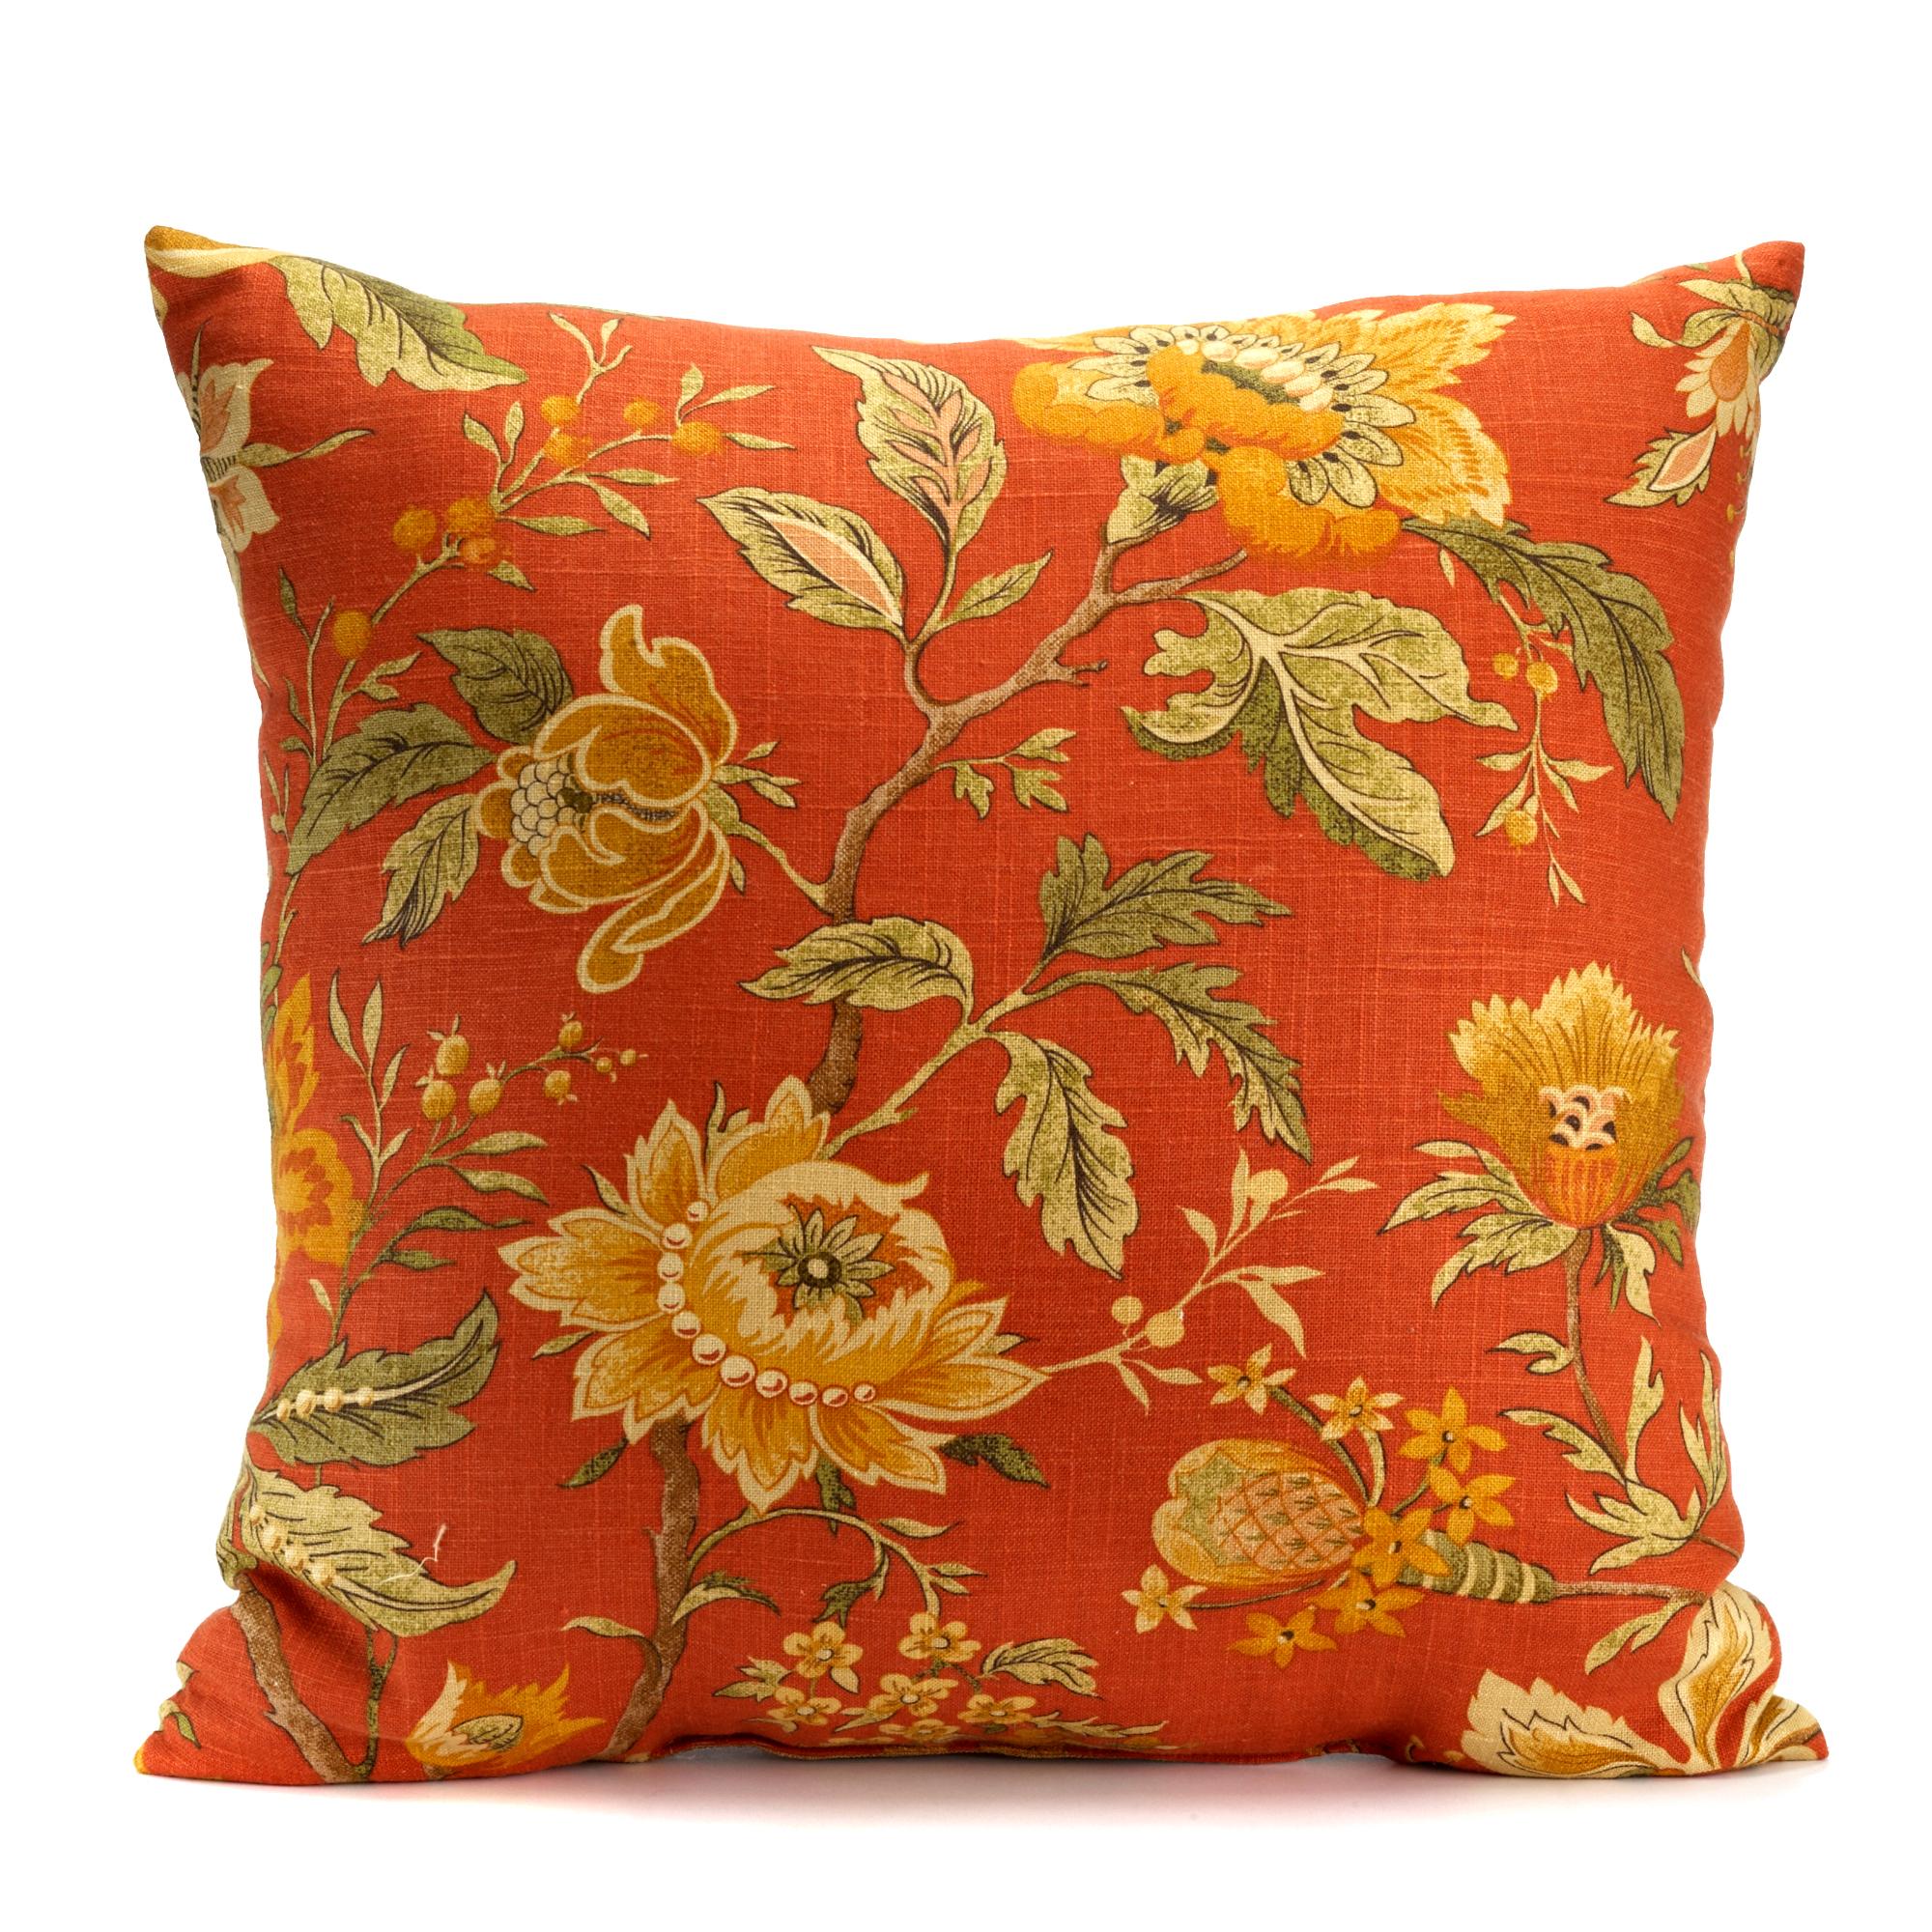 Throw Pillows Home : Decorative Pillows Decor Gump s